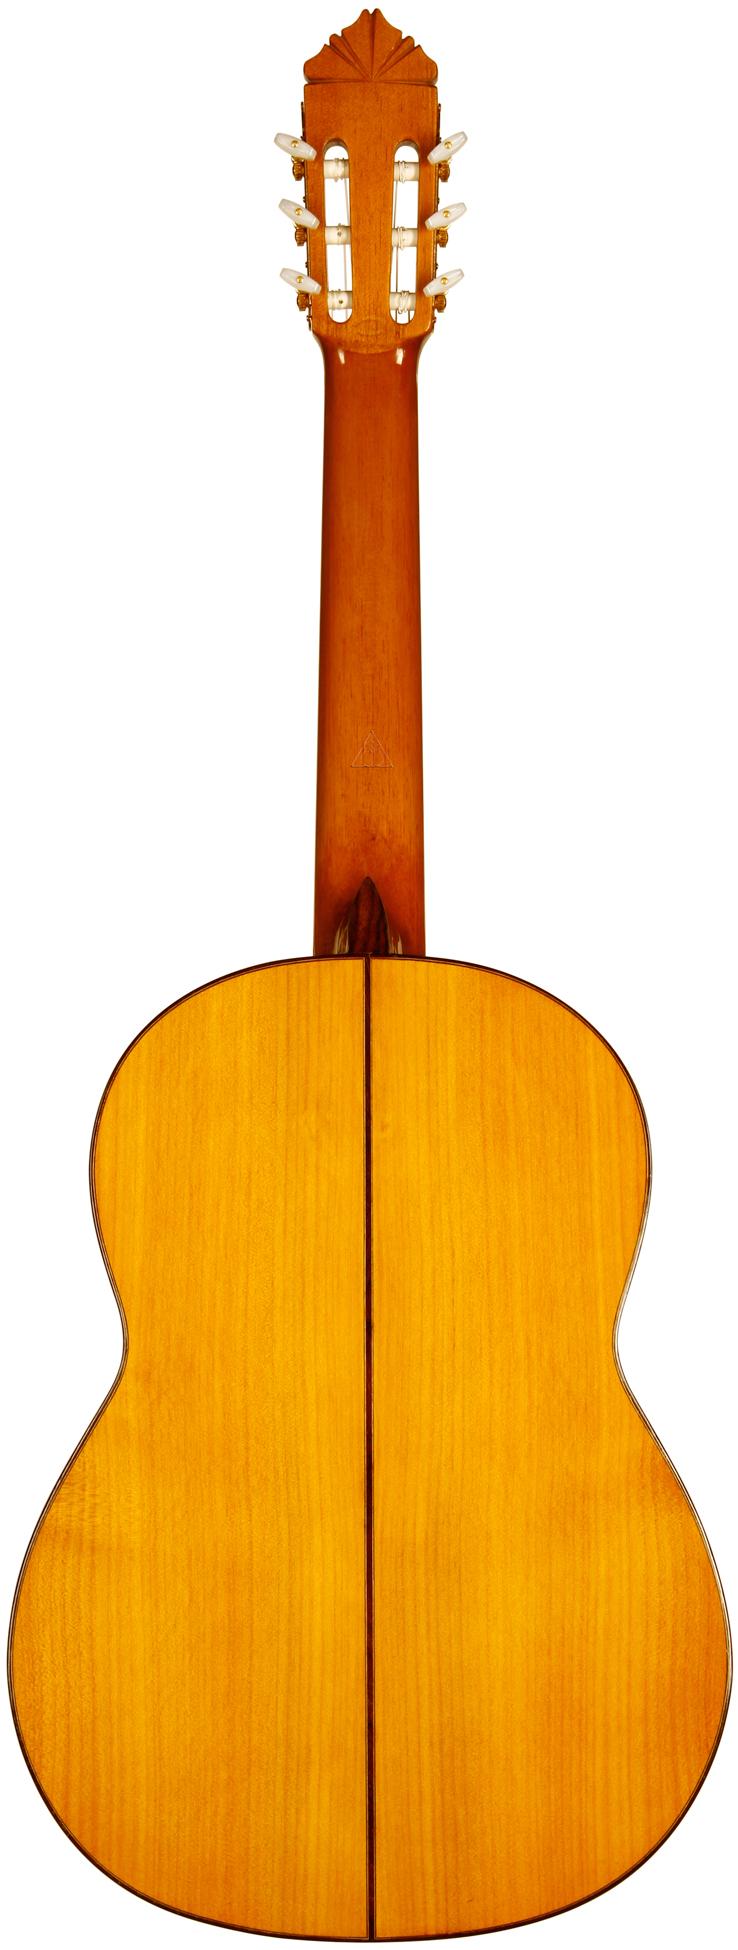 guitar_ba_lg_161.jpg